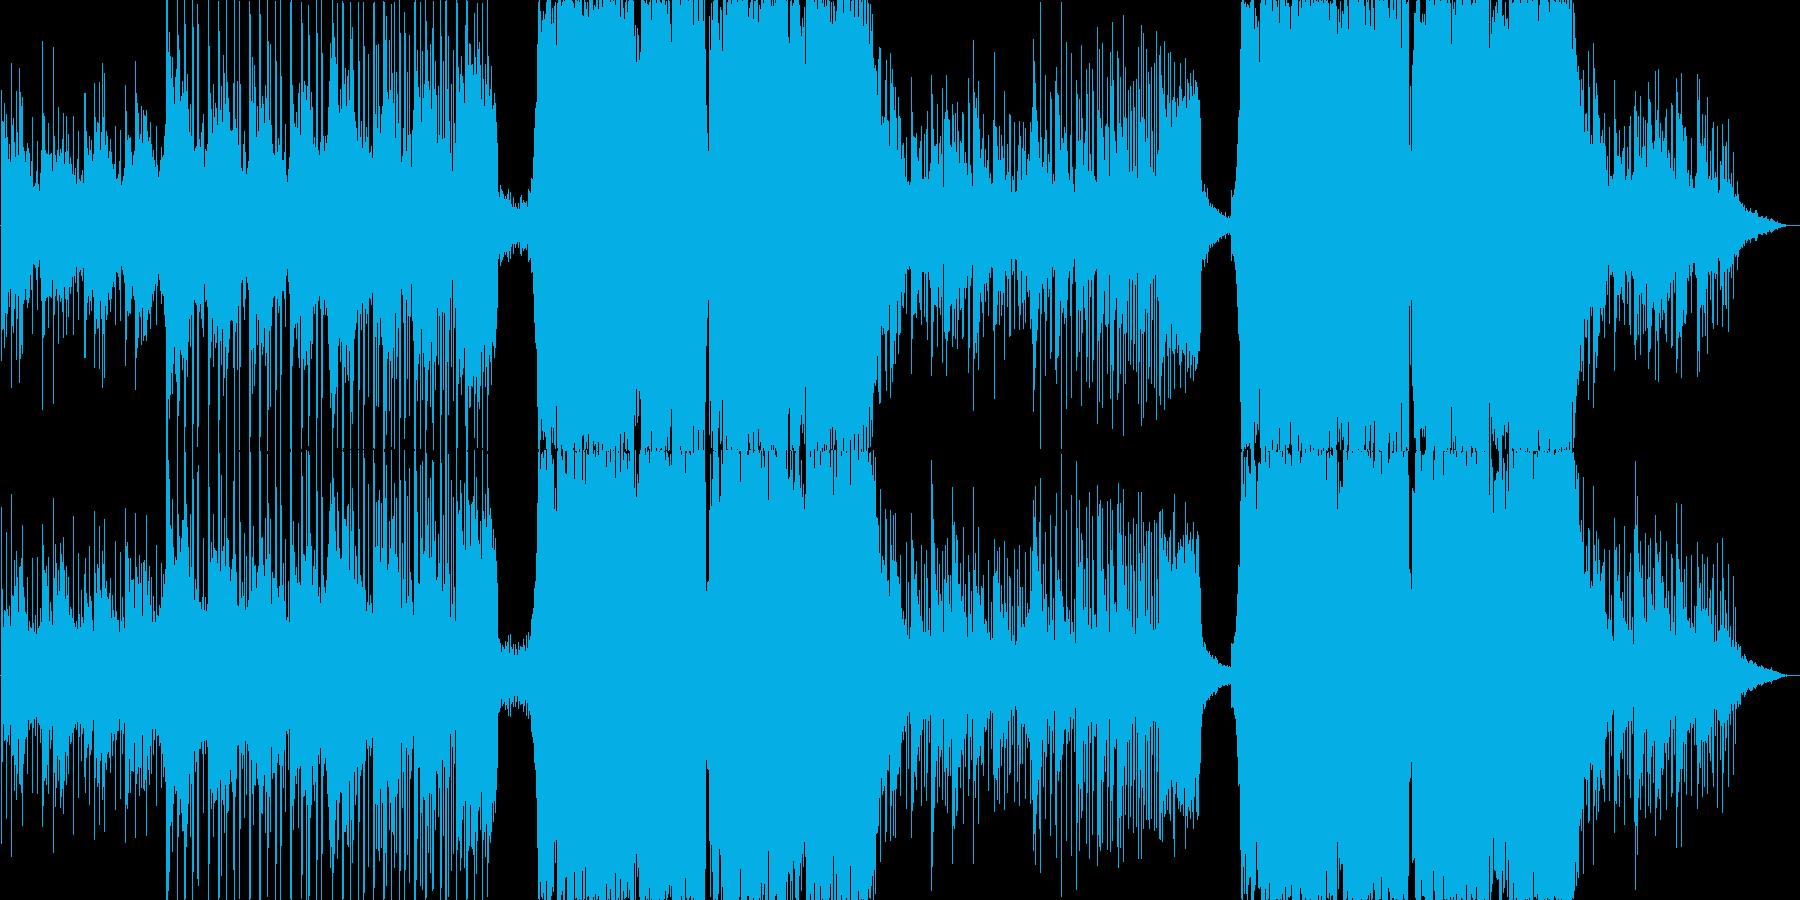 【BGM】Liquid Dubstepの再生済みの波形